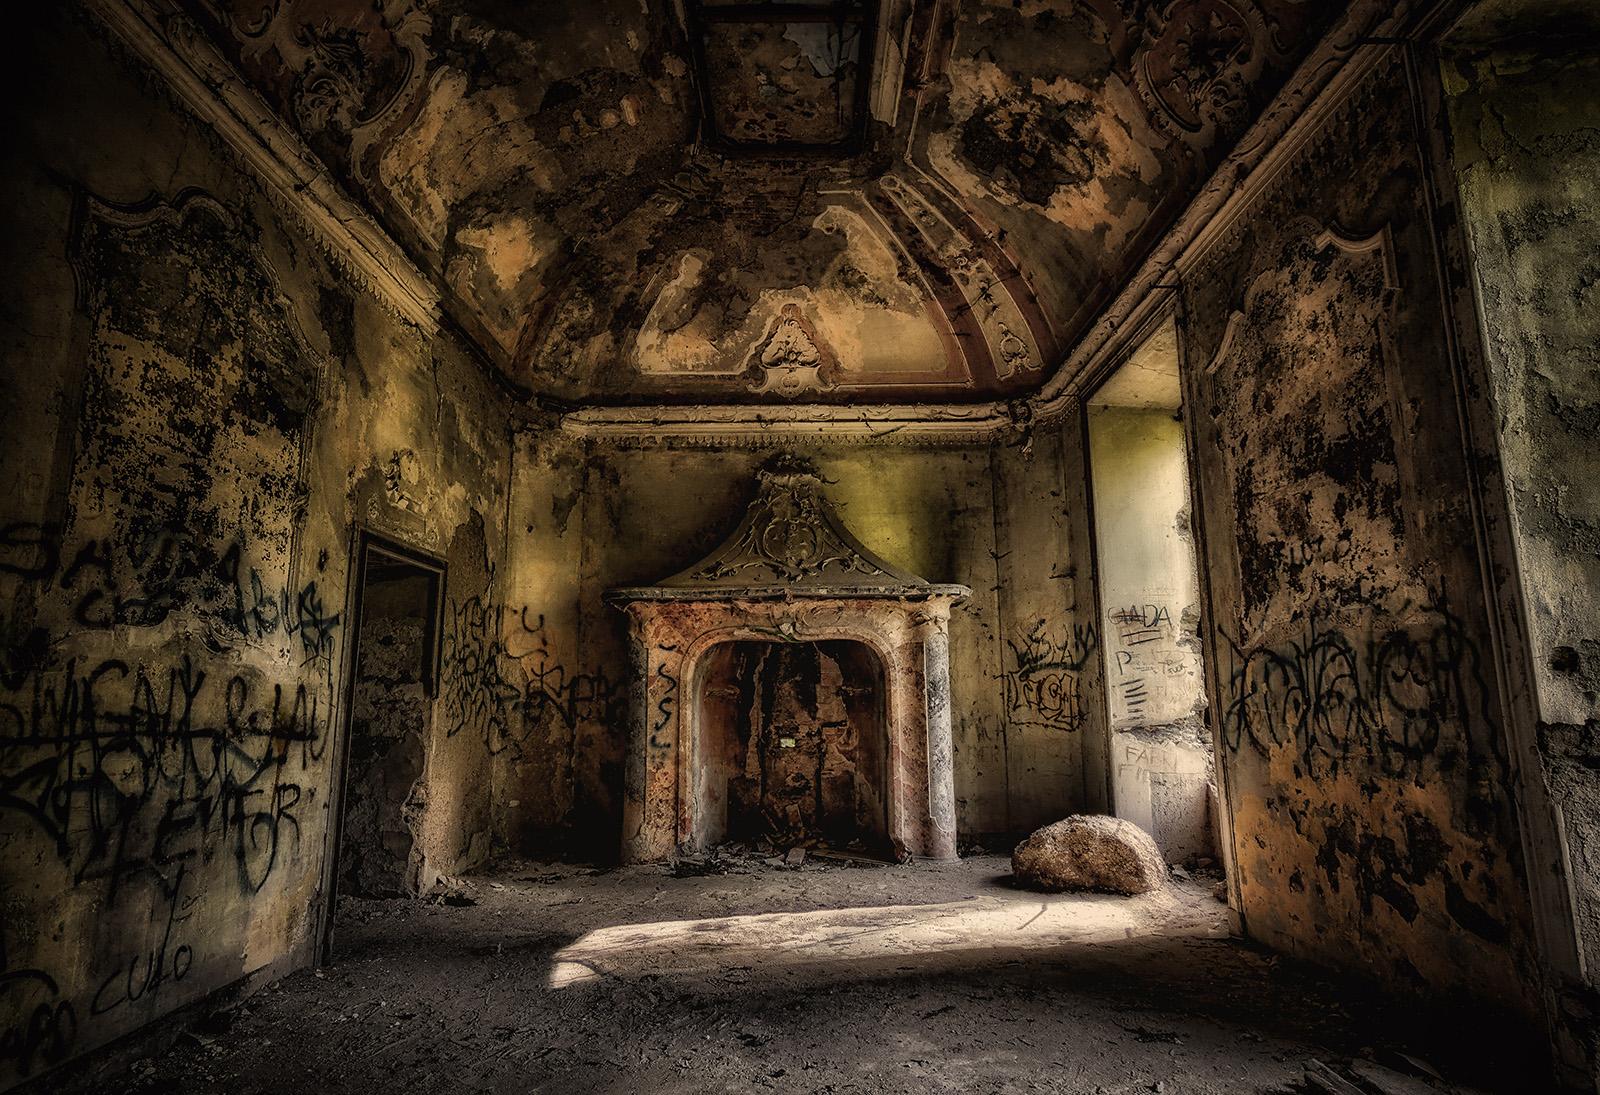 Villa de vecchi la casa dei fantasmi a cortenova for Costo per costruire una casa di 1400 piedi quadrati